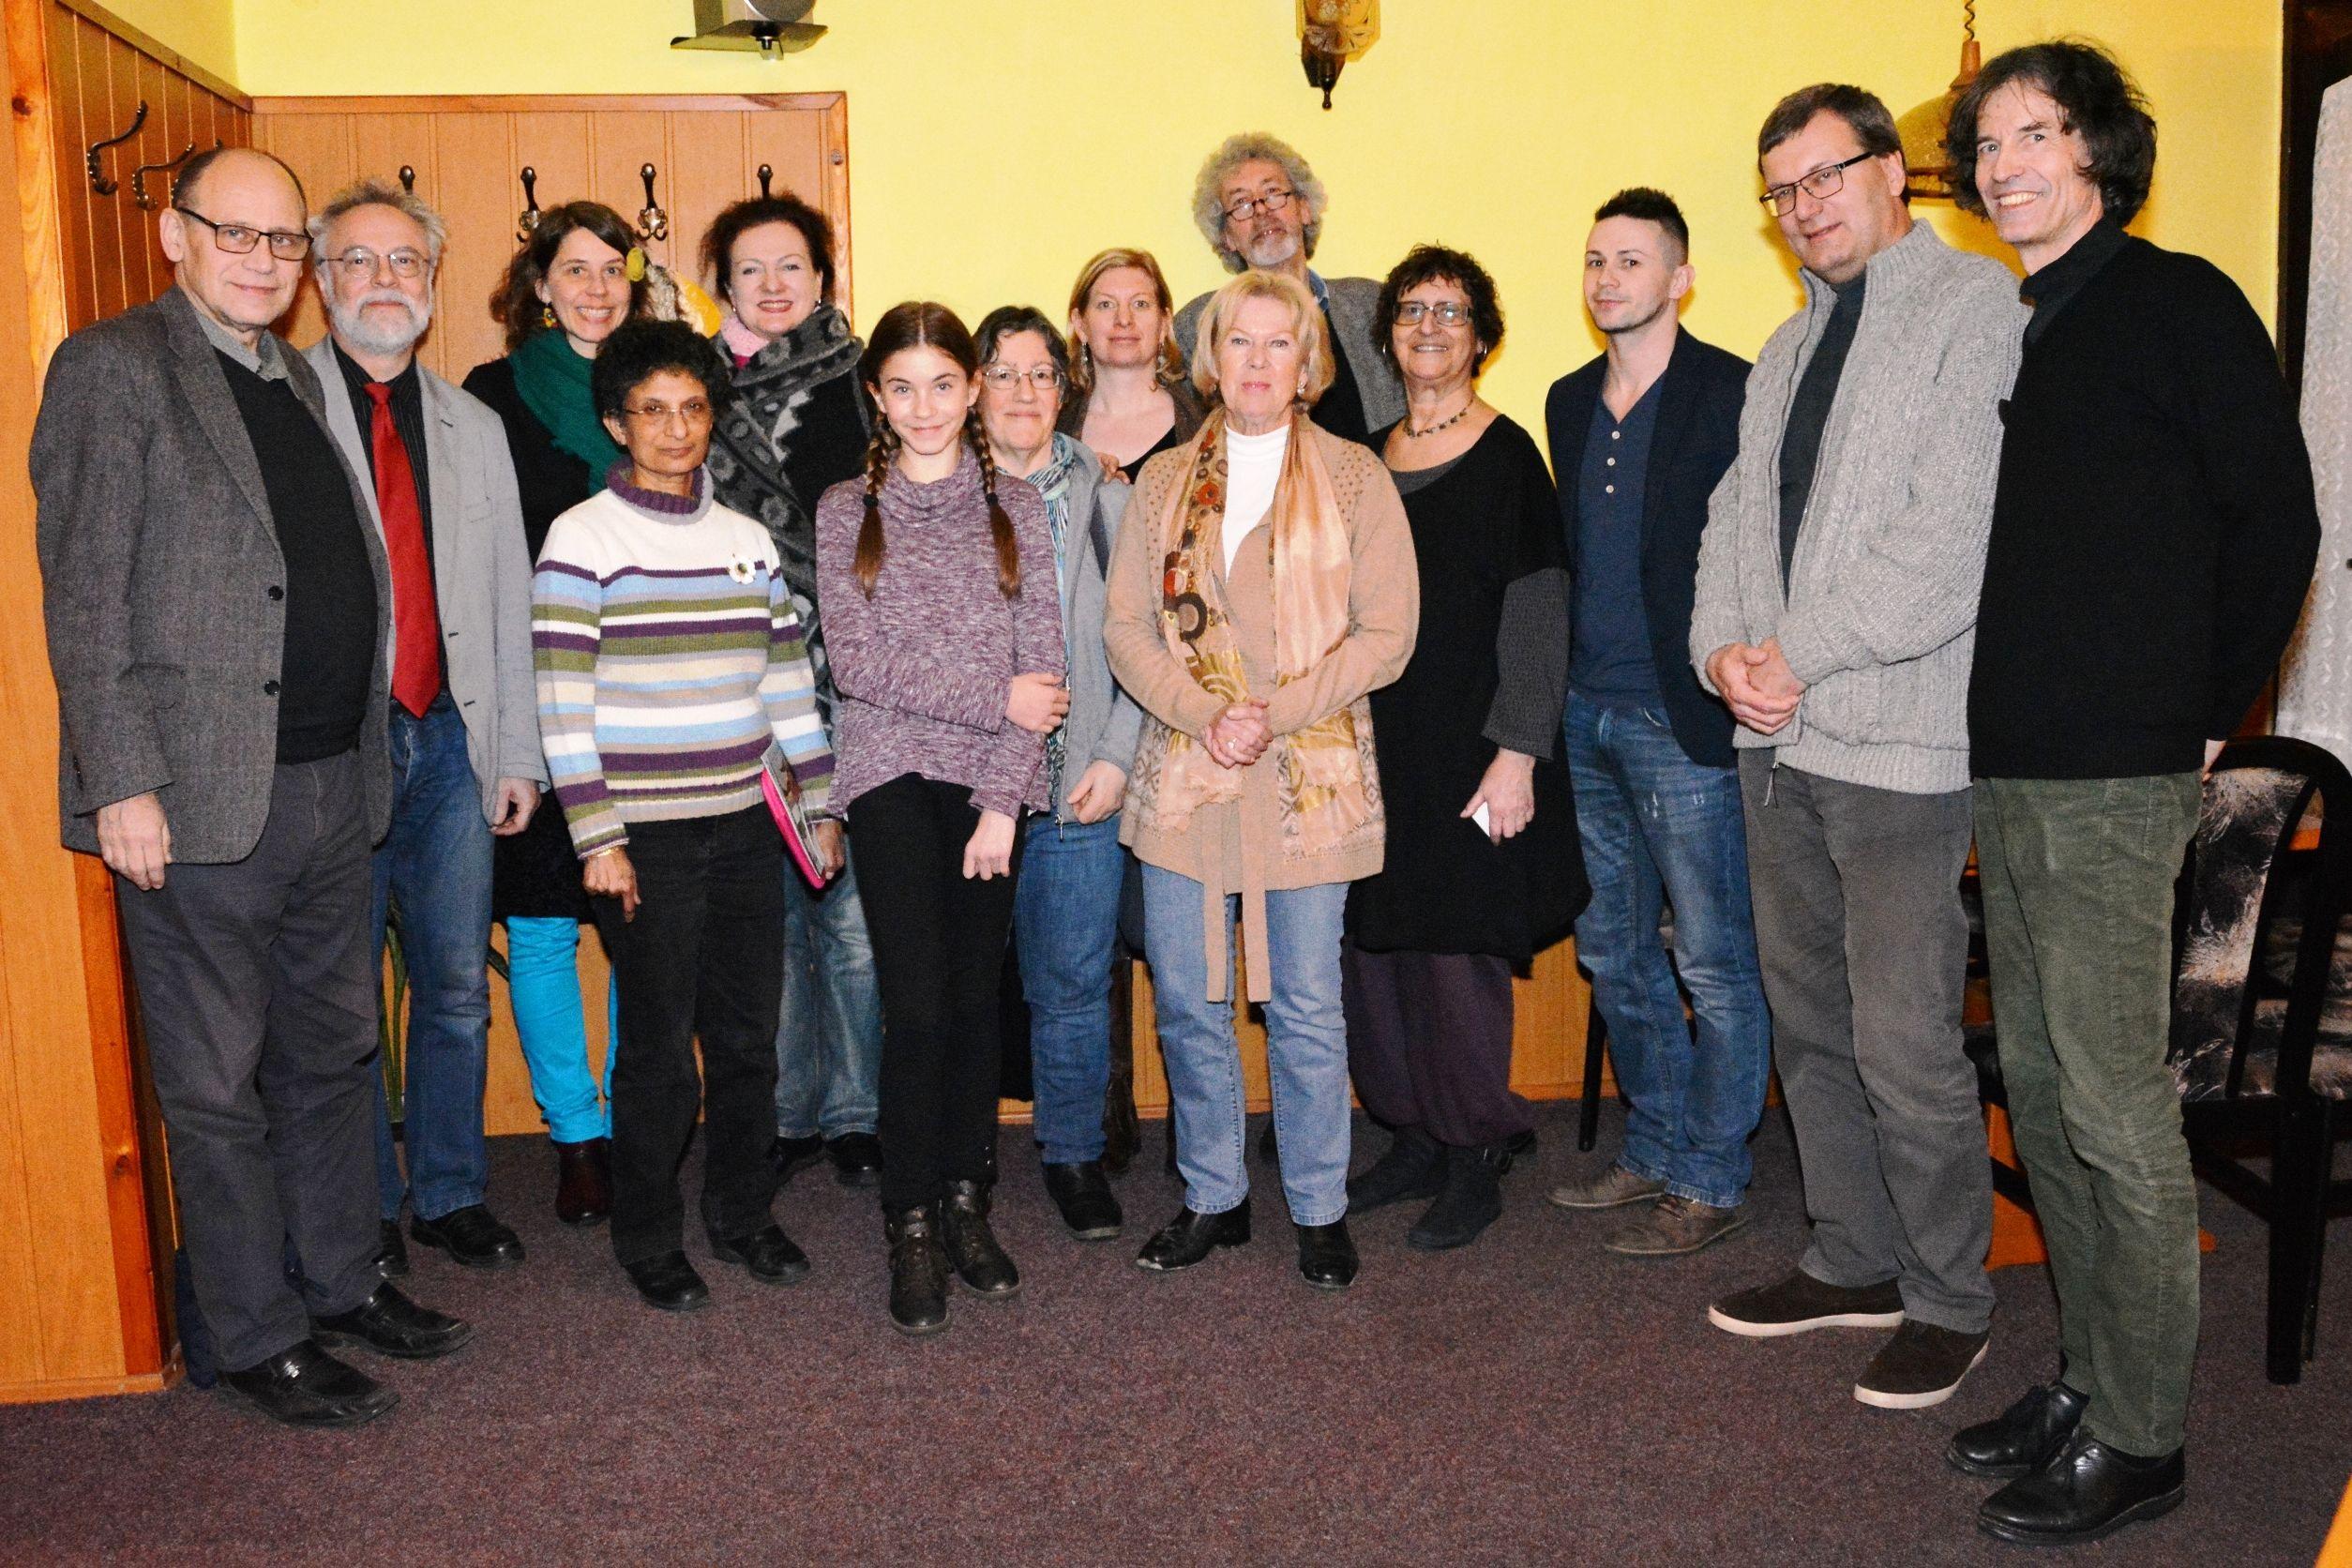 Vorstand und Mitglieder der Kulturbrücke Fratres, Monika Ziegler und Ines Wagner von KulturVision e.V. bei der Generalversammlung in Slavonice.